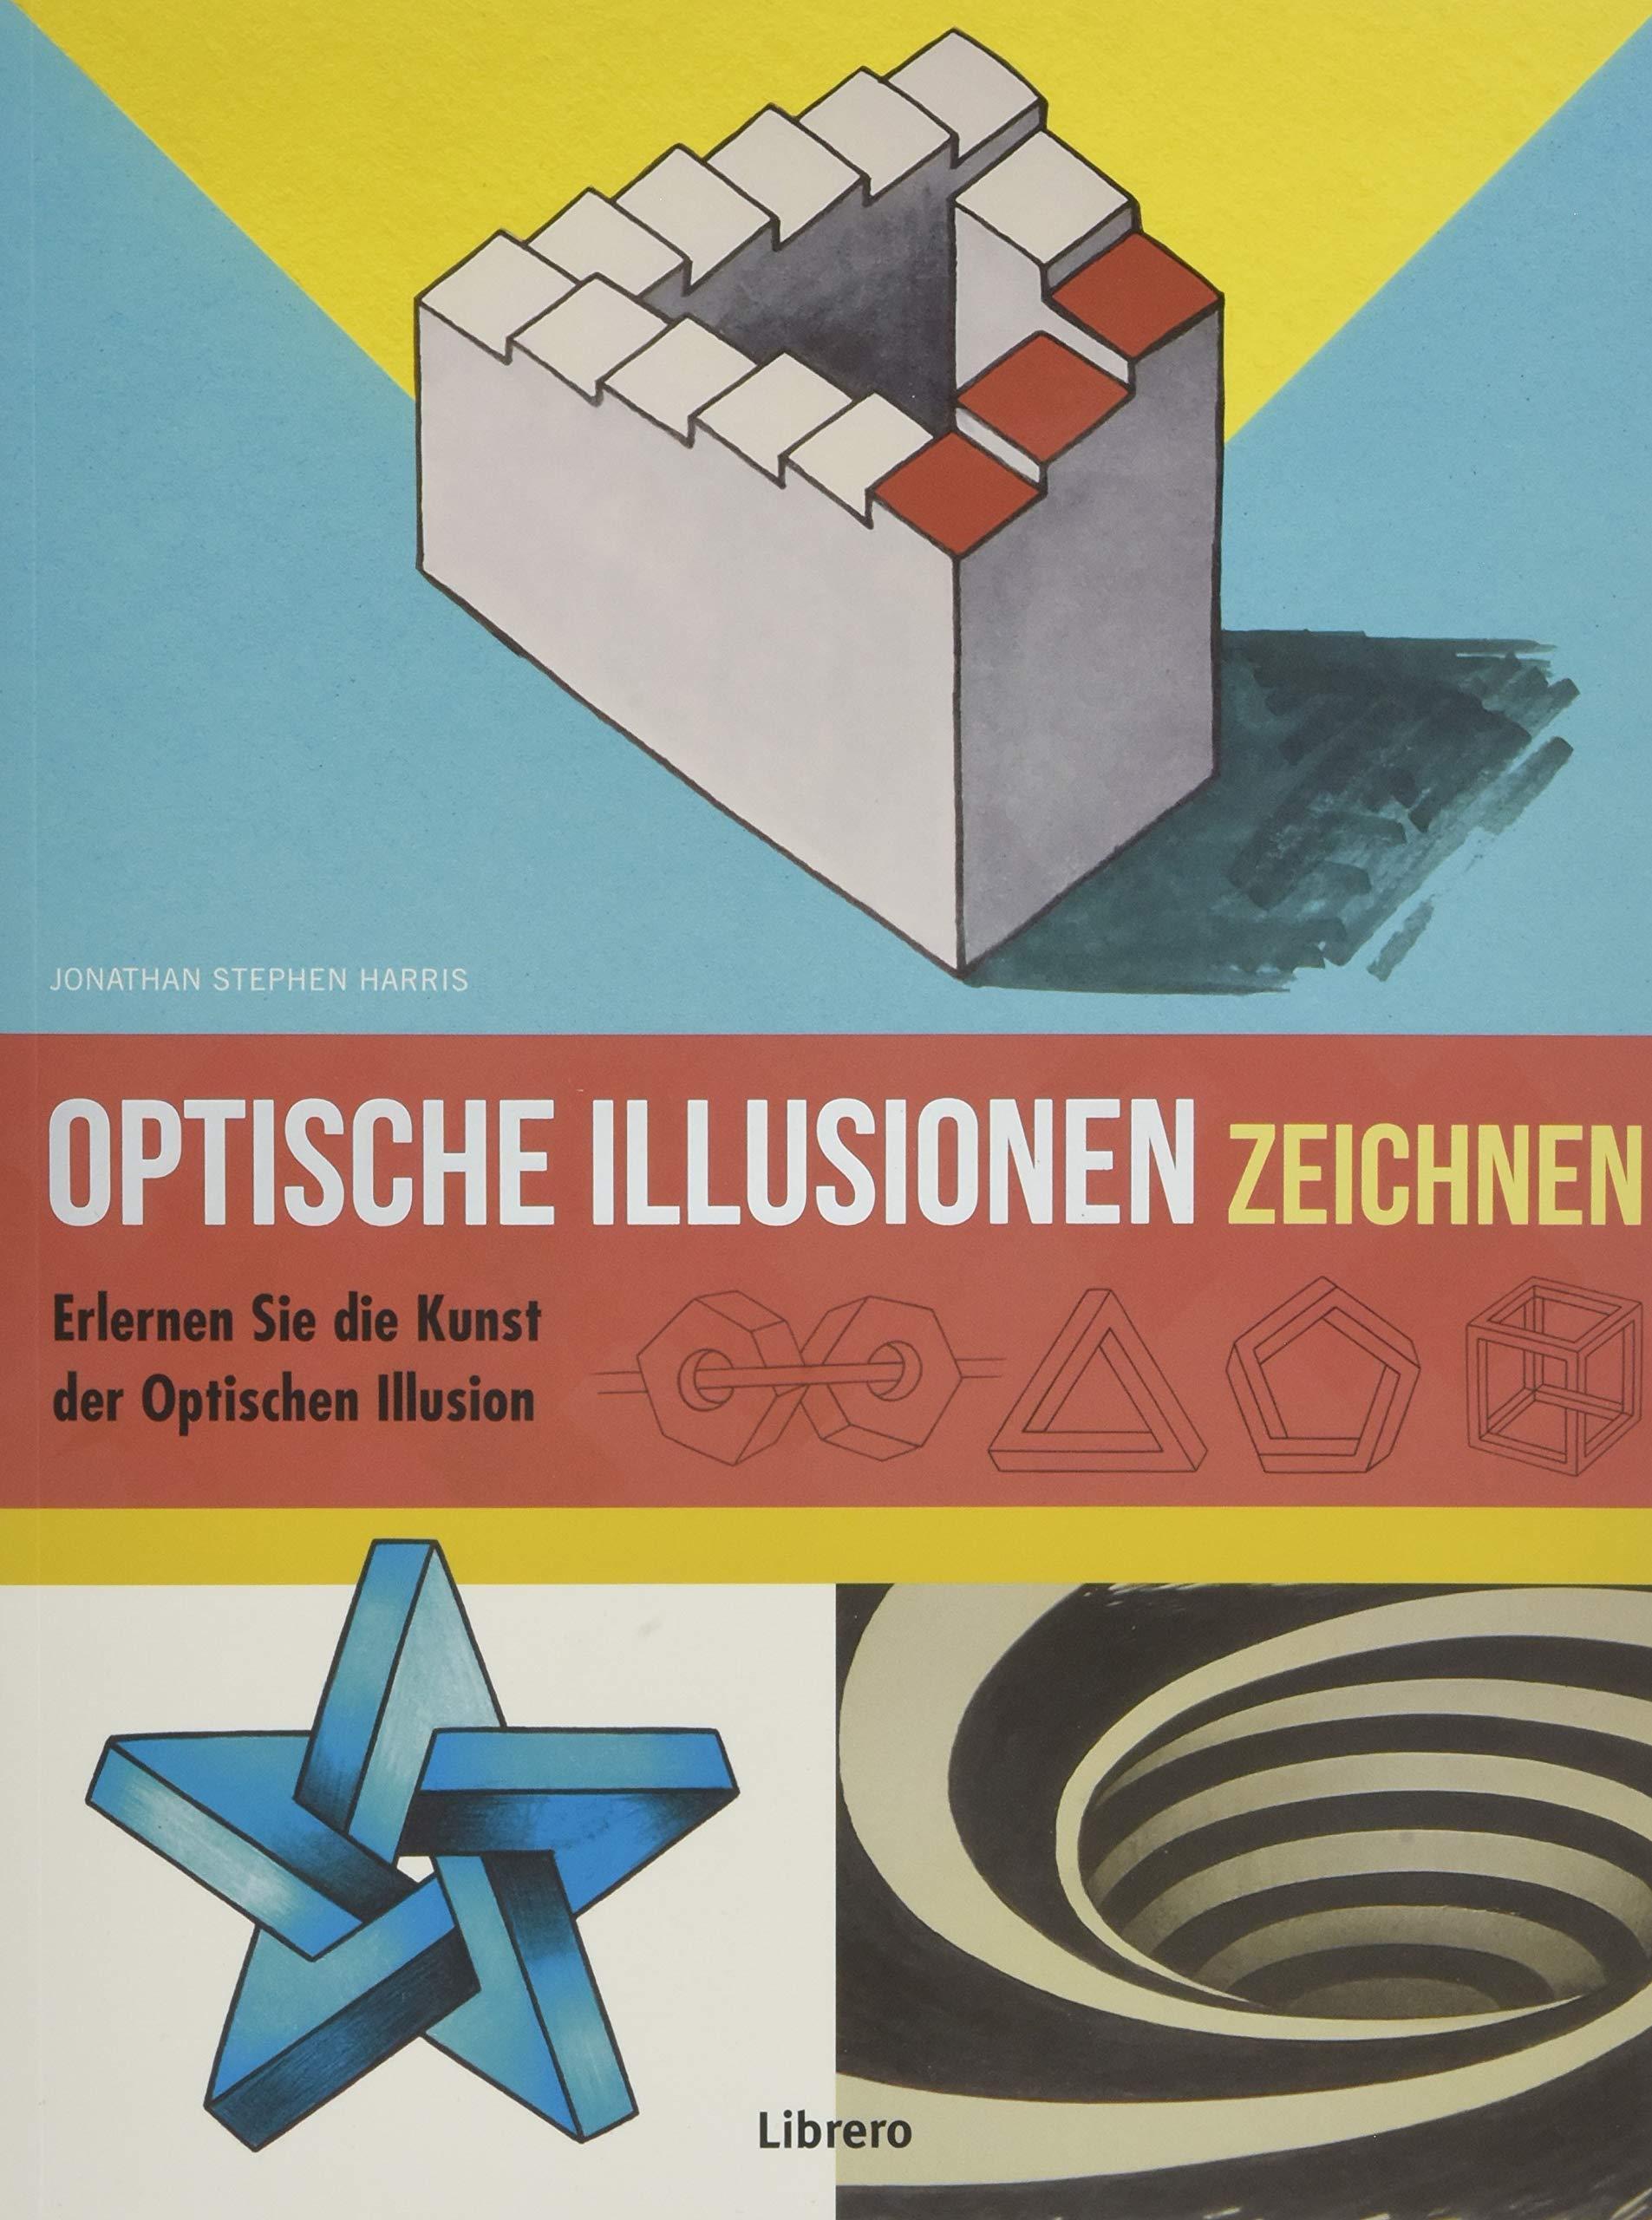 Optische Täuschungen Zeichnen Amazon De Jonathan Stephen Harris